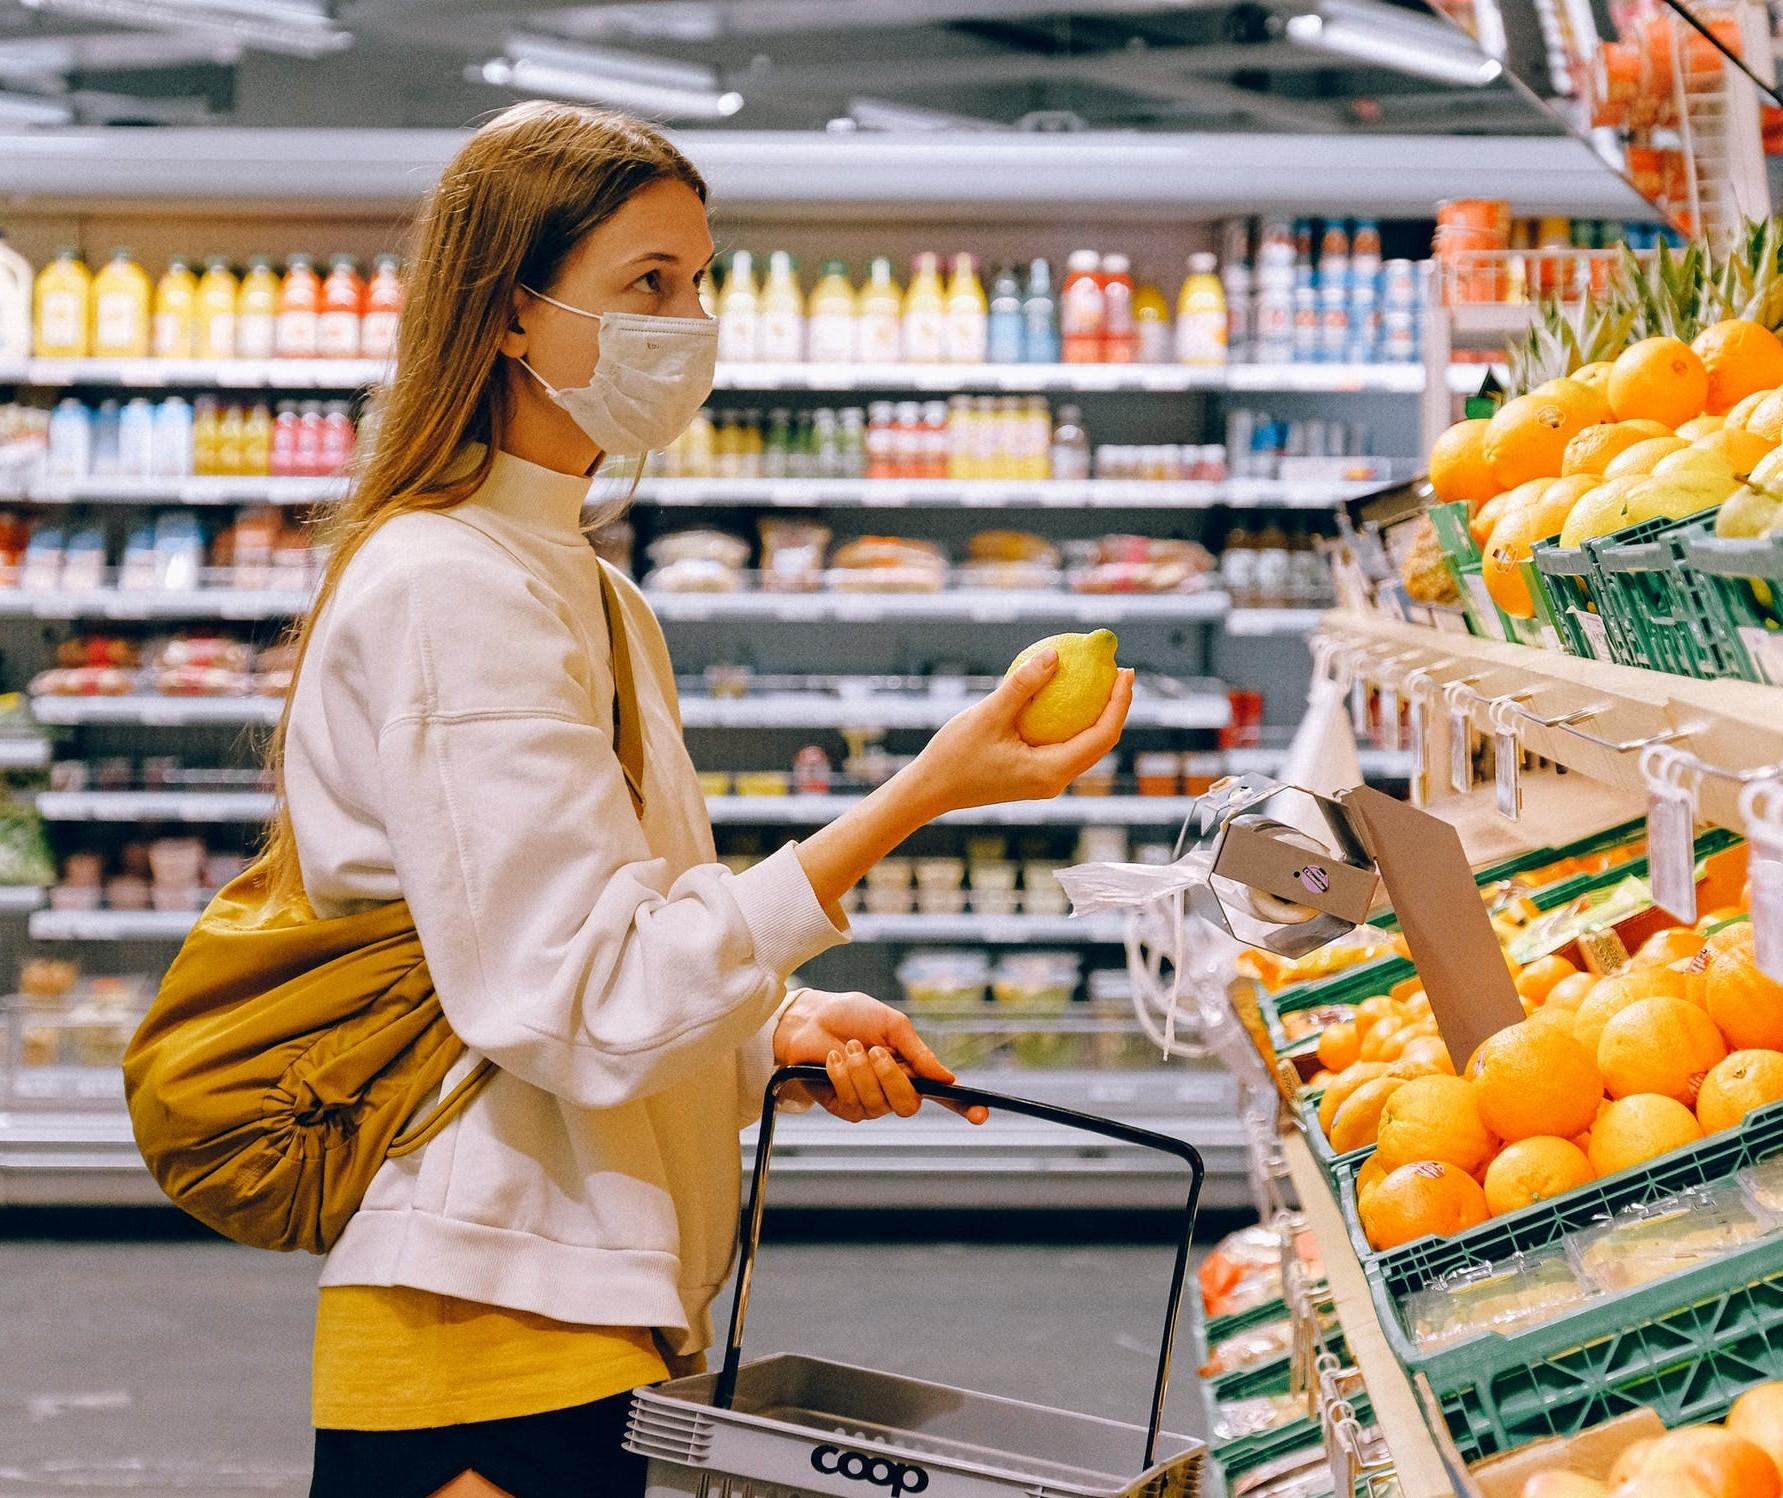 O que comprar para abastecer a despensa? Confira dicas